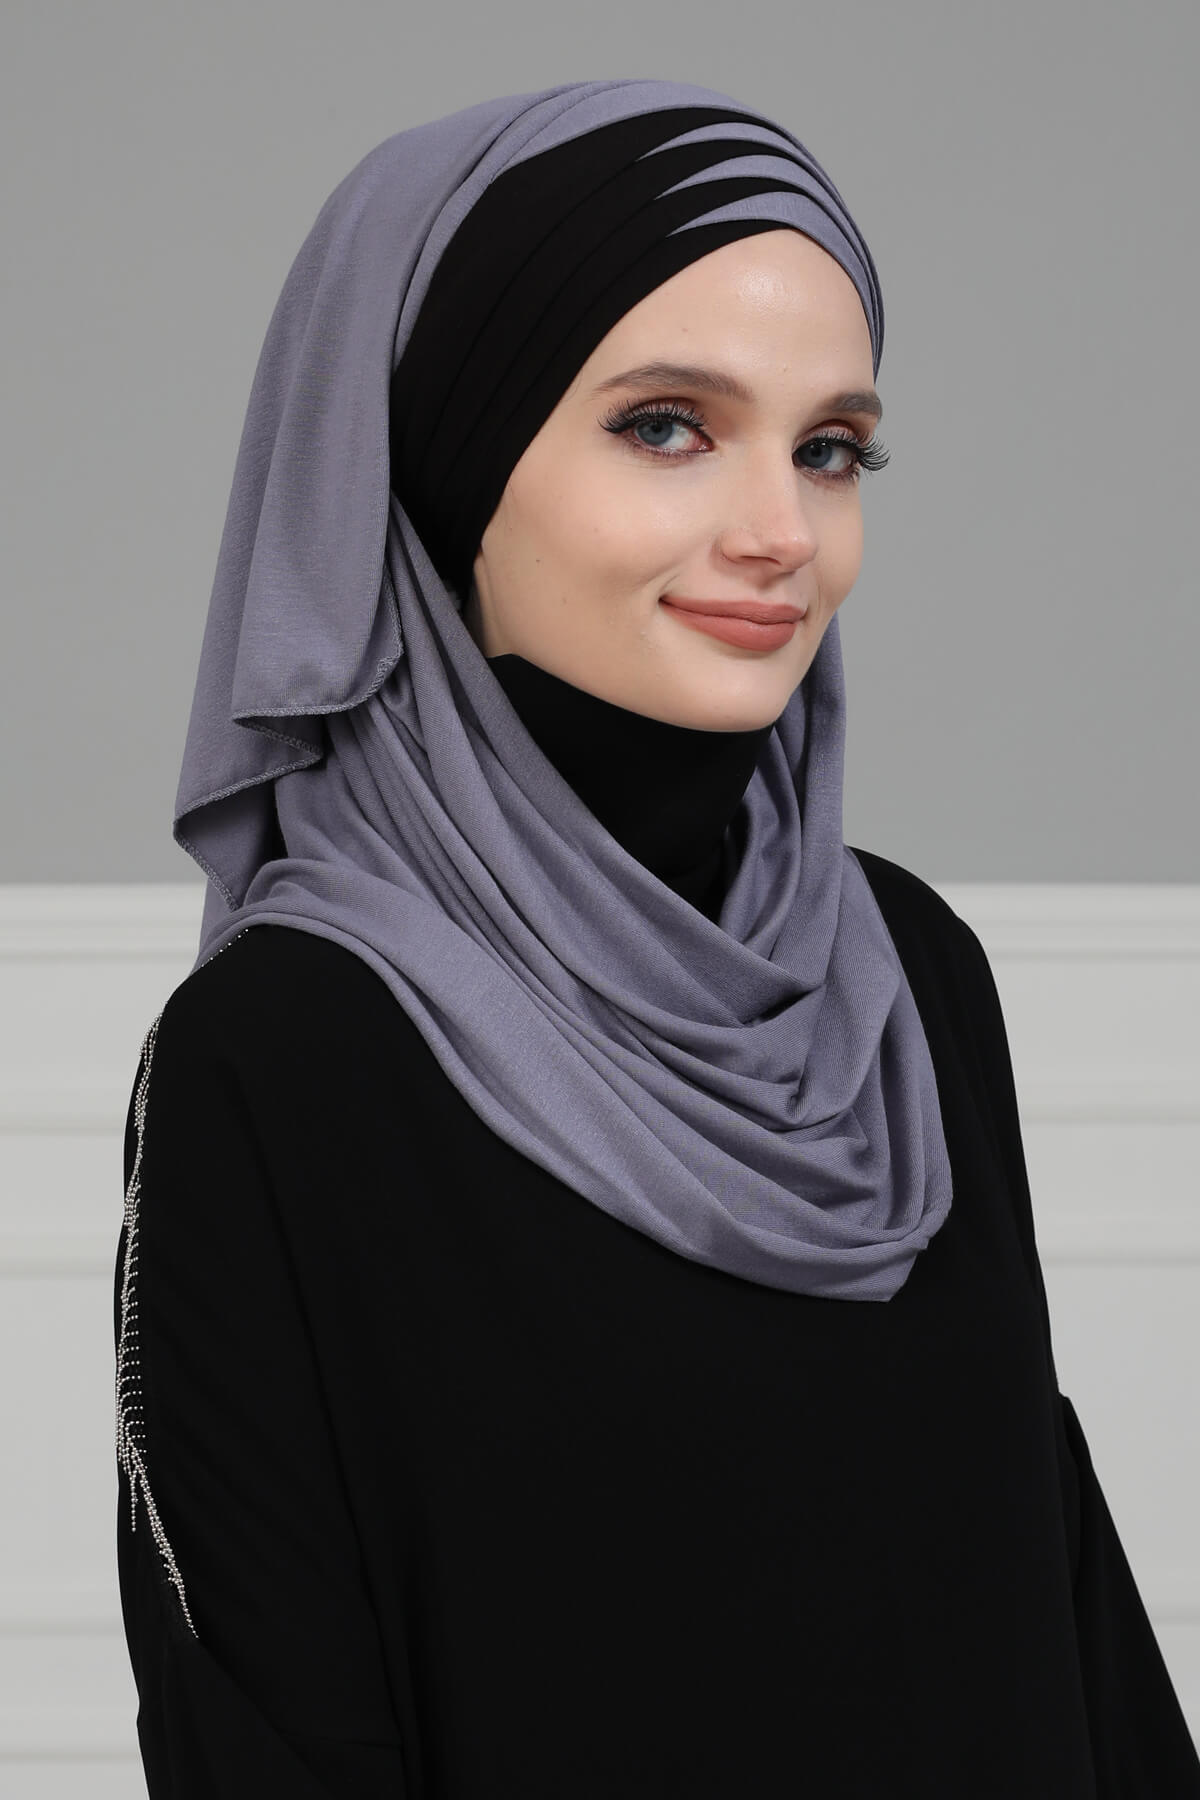 شال قطني ملون فوري للنساء غطاء رأس من القطن وشاح فوري بغطاء عمامة متواضع